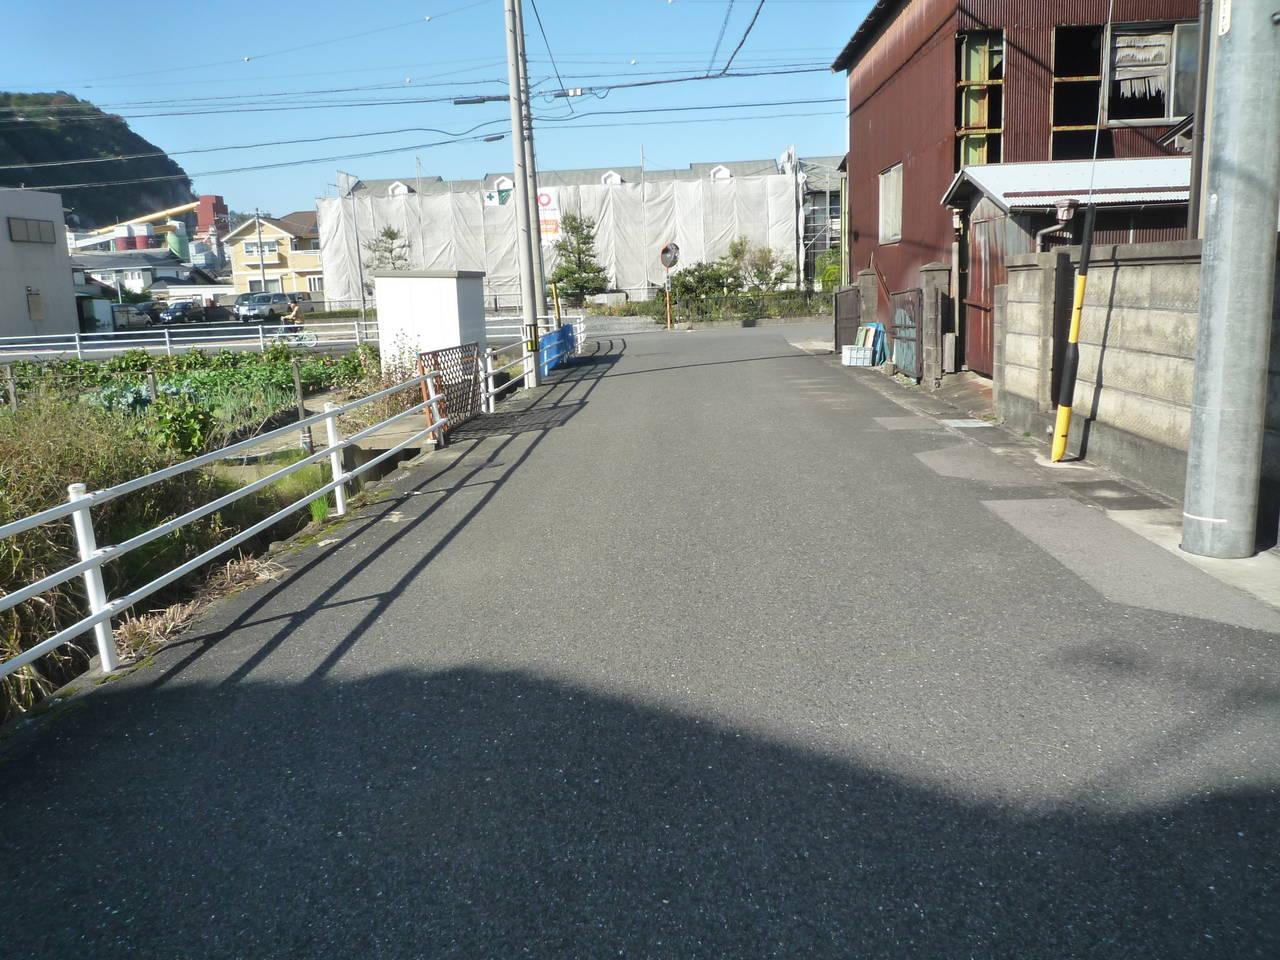 物件東側前面道路 南から北方向に撮影